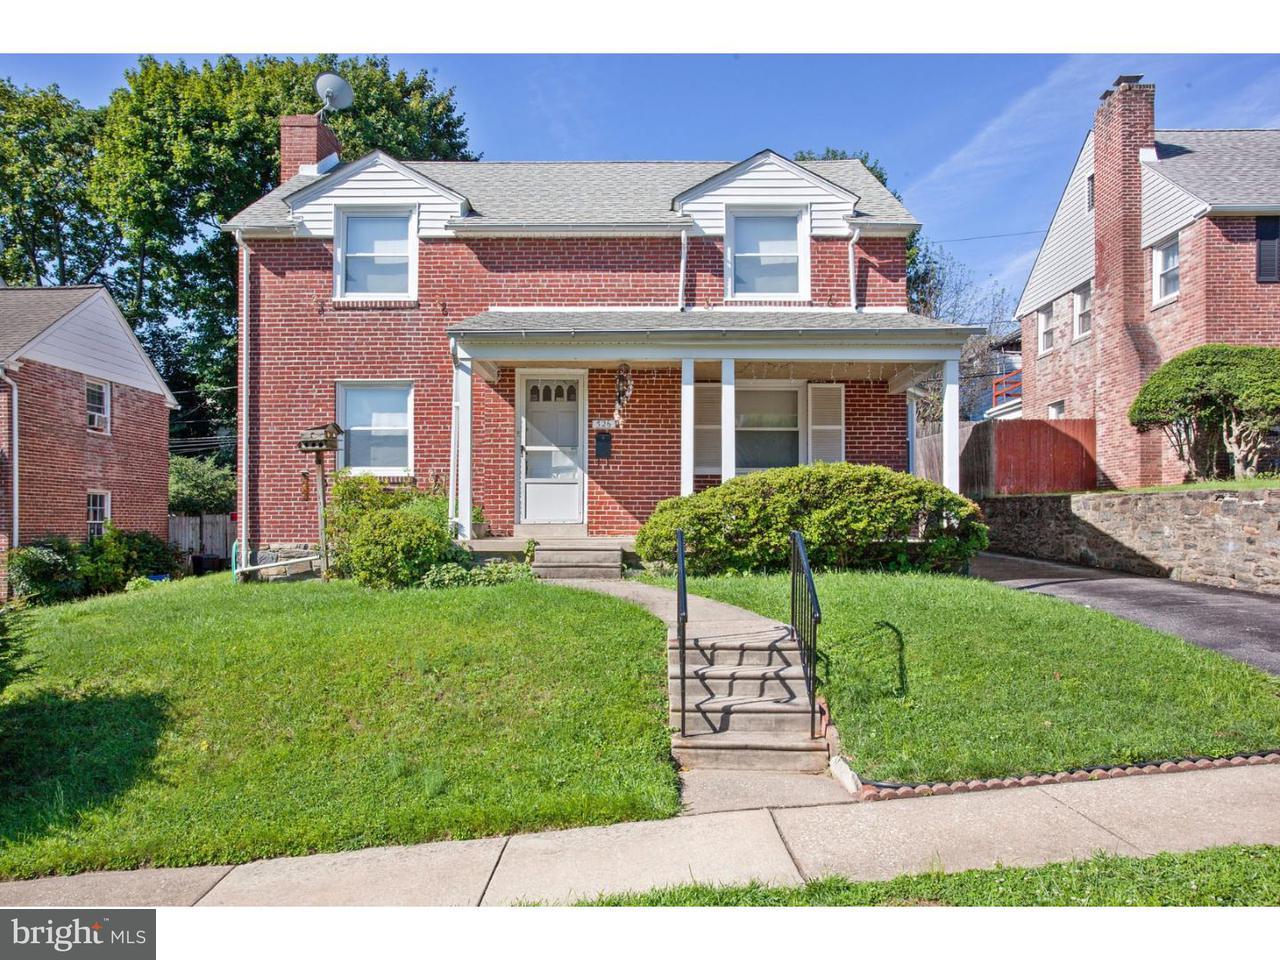 Maison unifamiliale pour l Vente à 526 MIDVALE Road Upper Darby, Pennsylvanie 19082 États-Unis